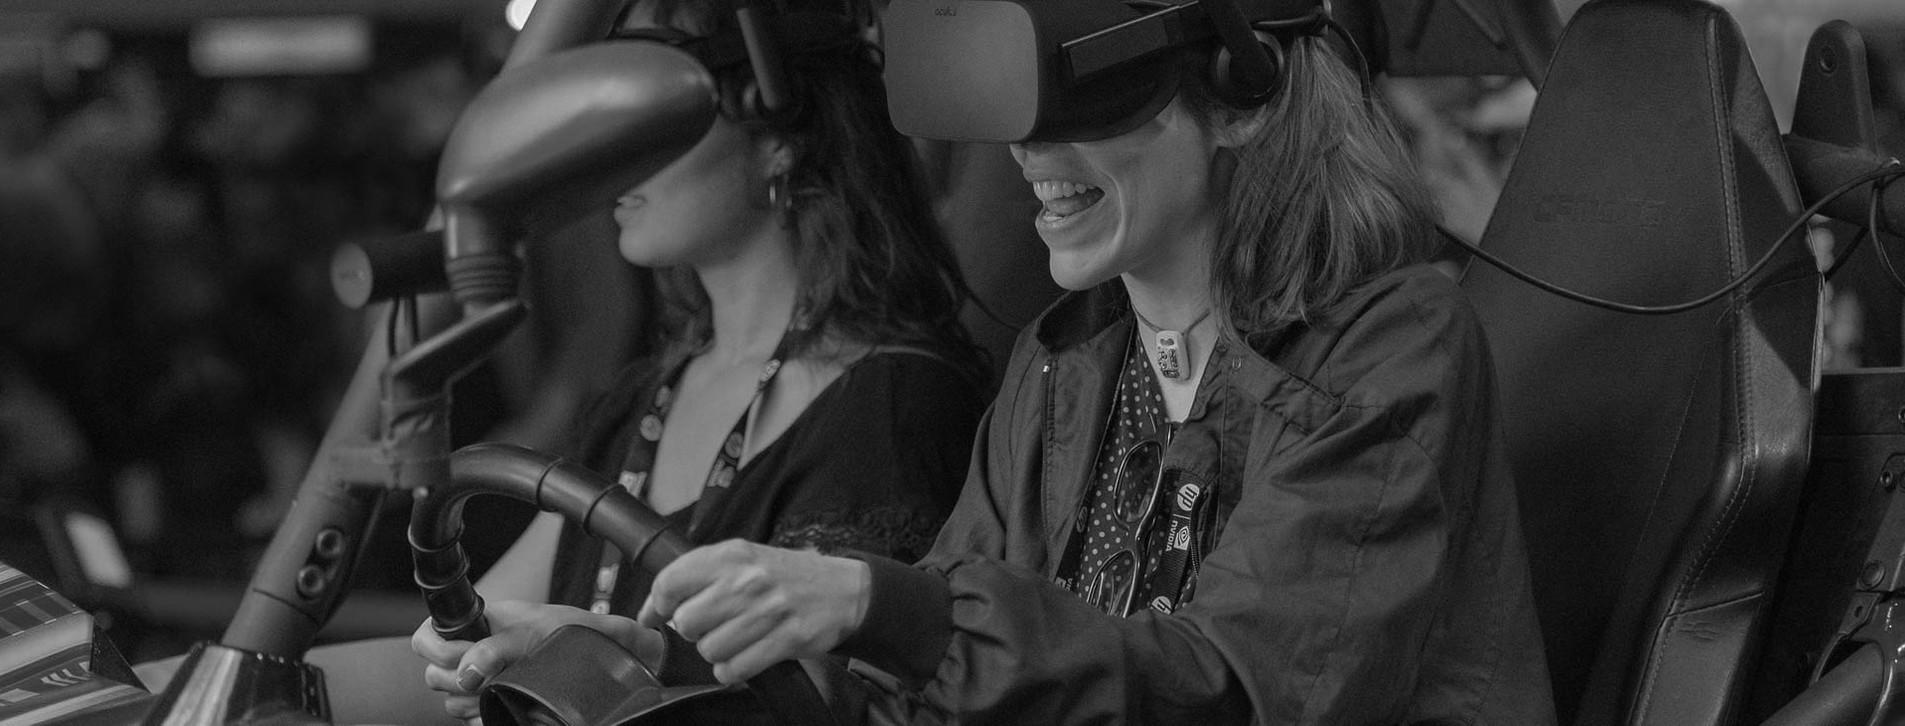 Фото 1 - Гоночный VR-симулятор для двоих